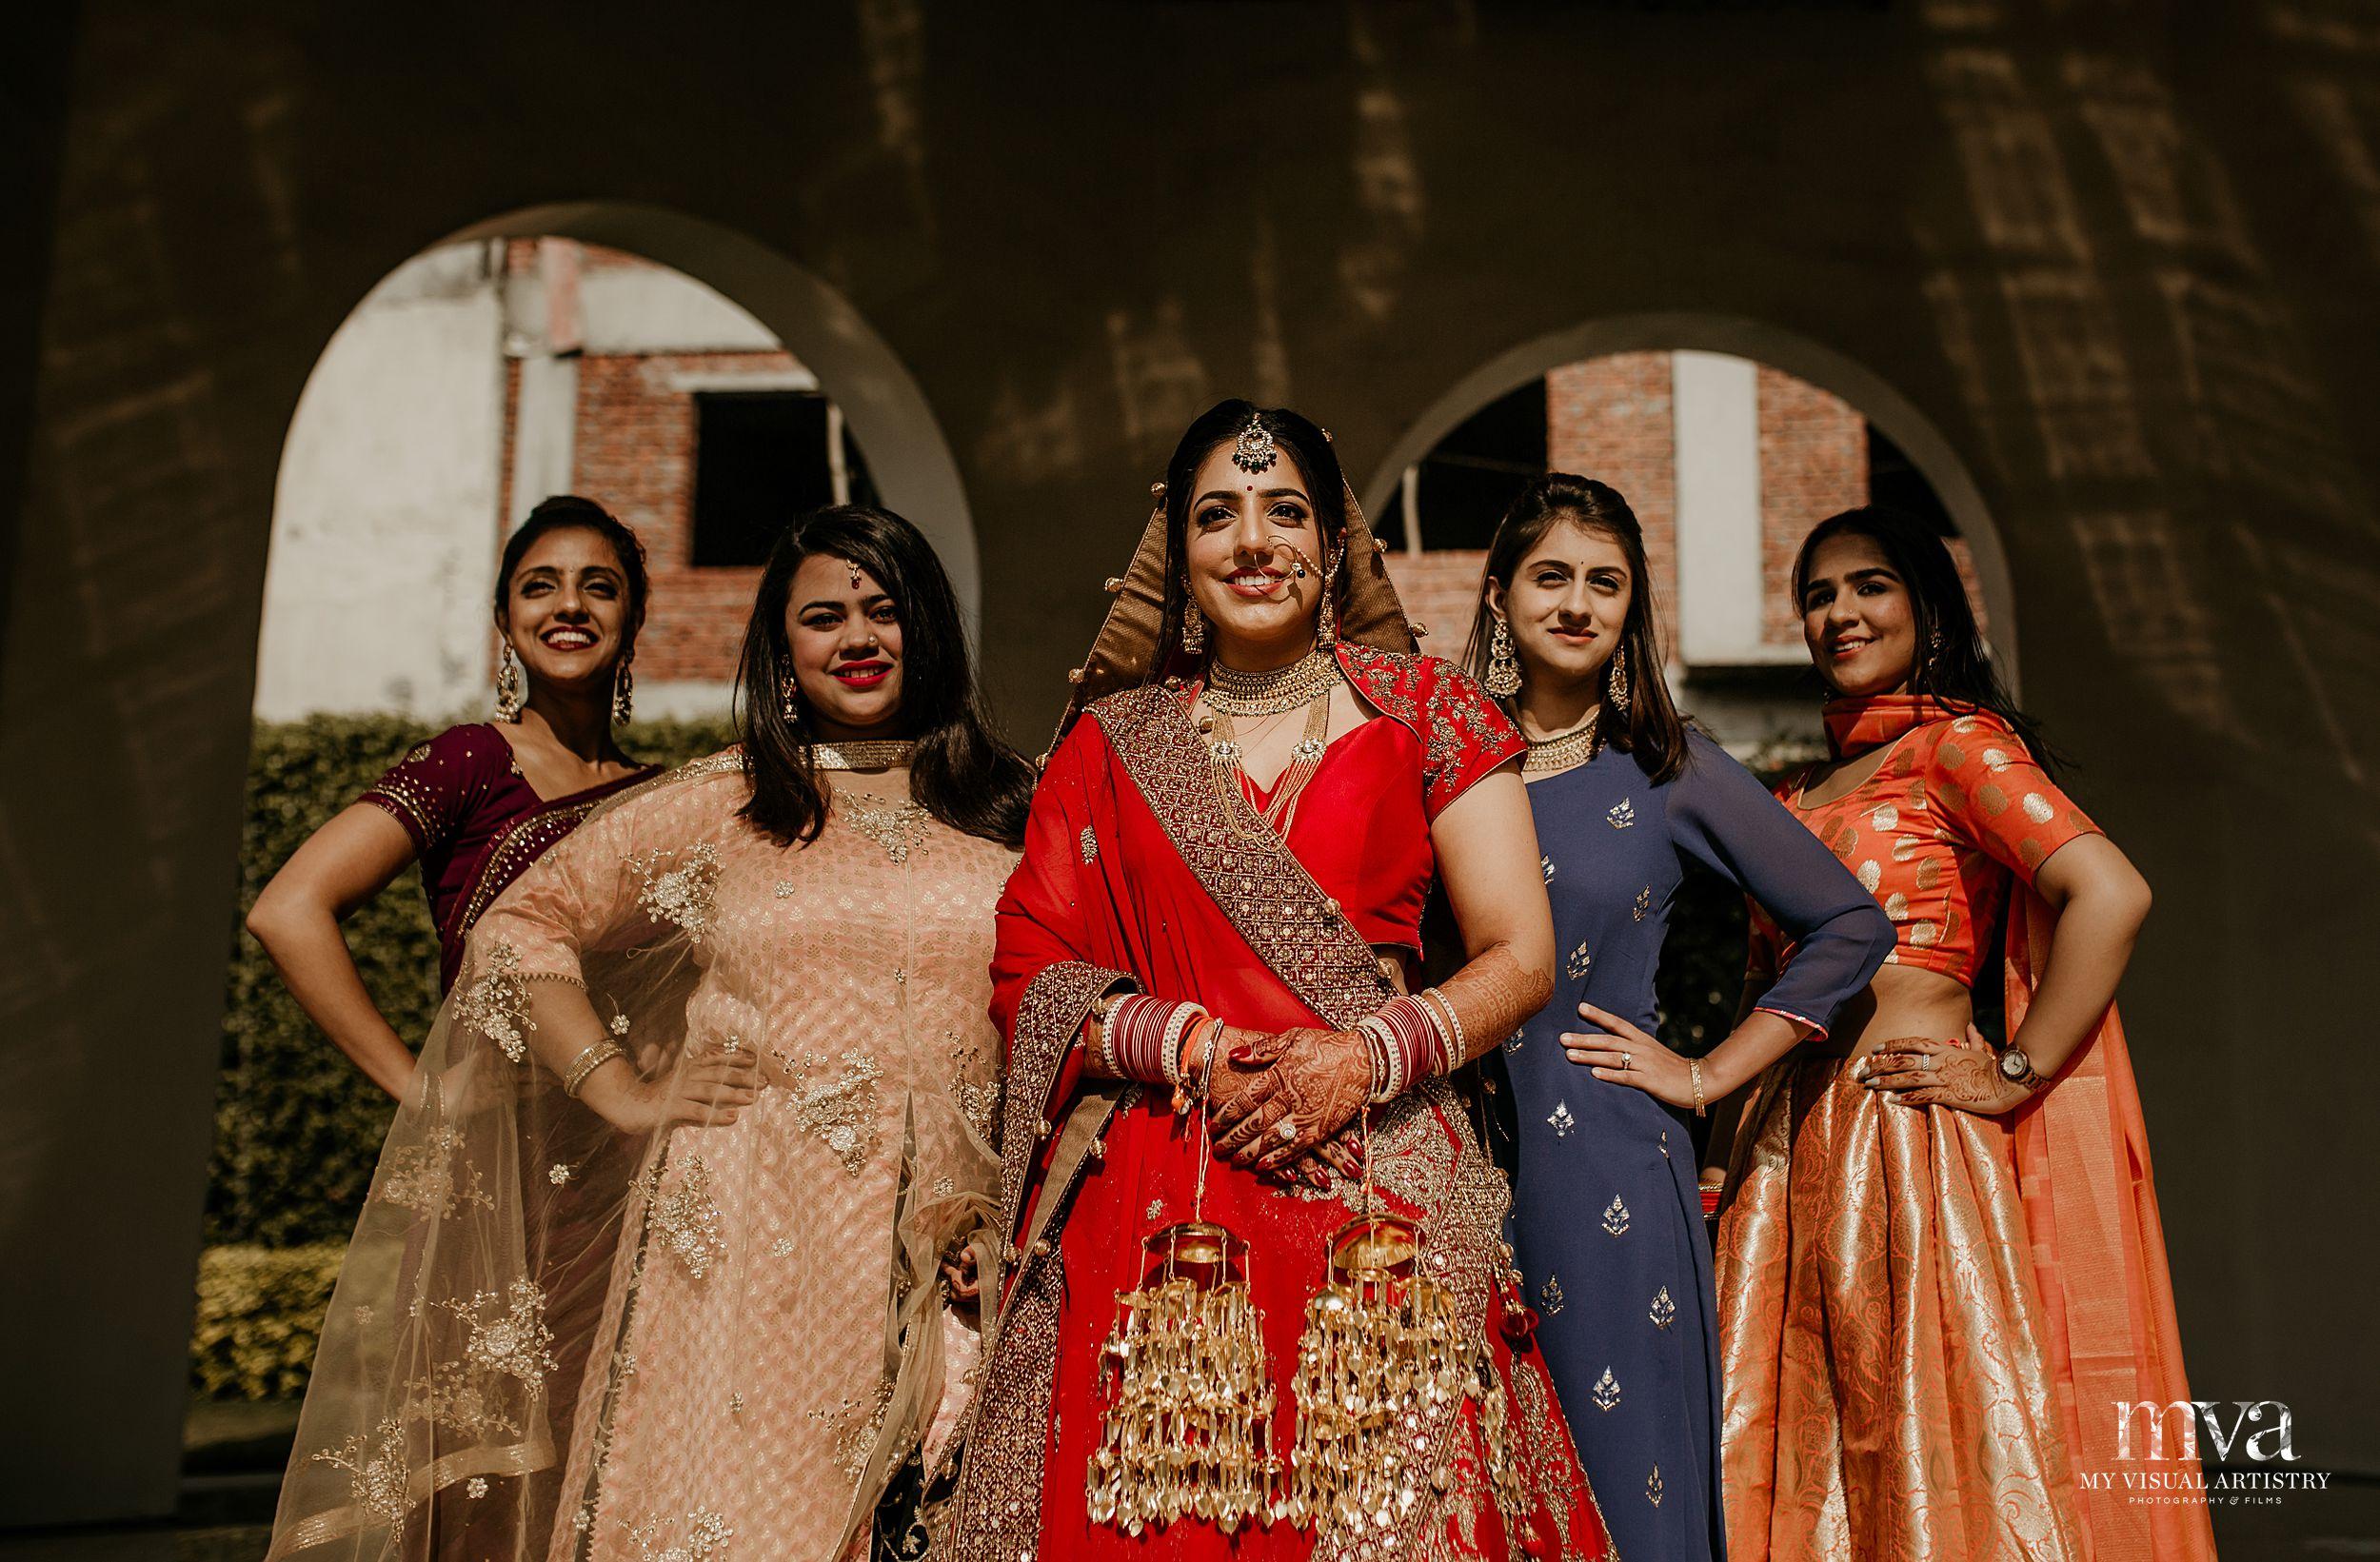 anant_arundhati_myvisualartistry_mva_wedding_sikh_ - 277.jpg